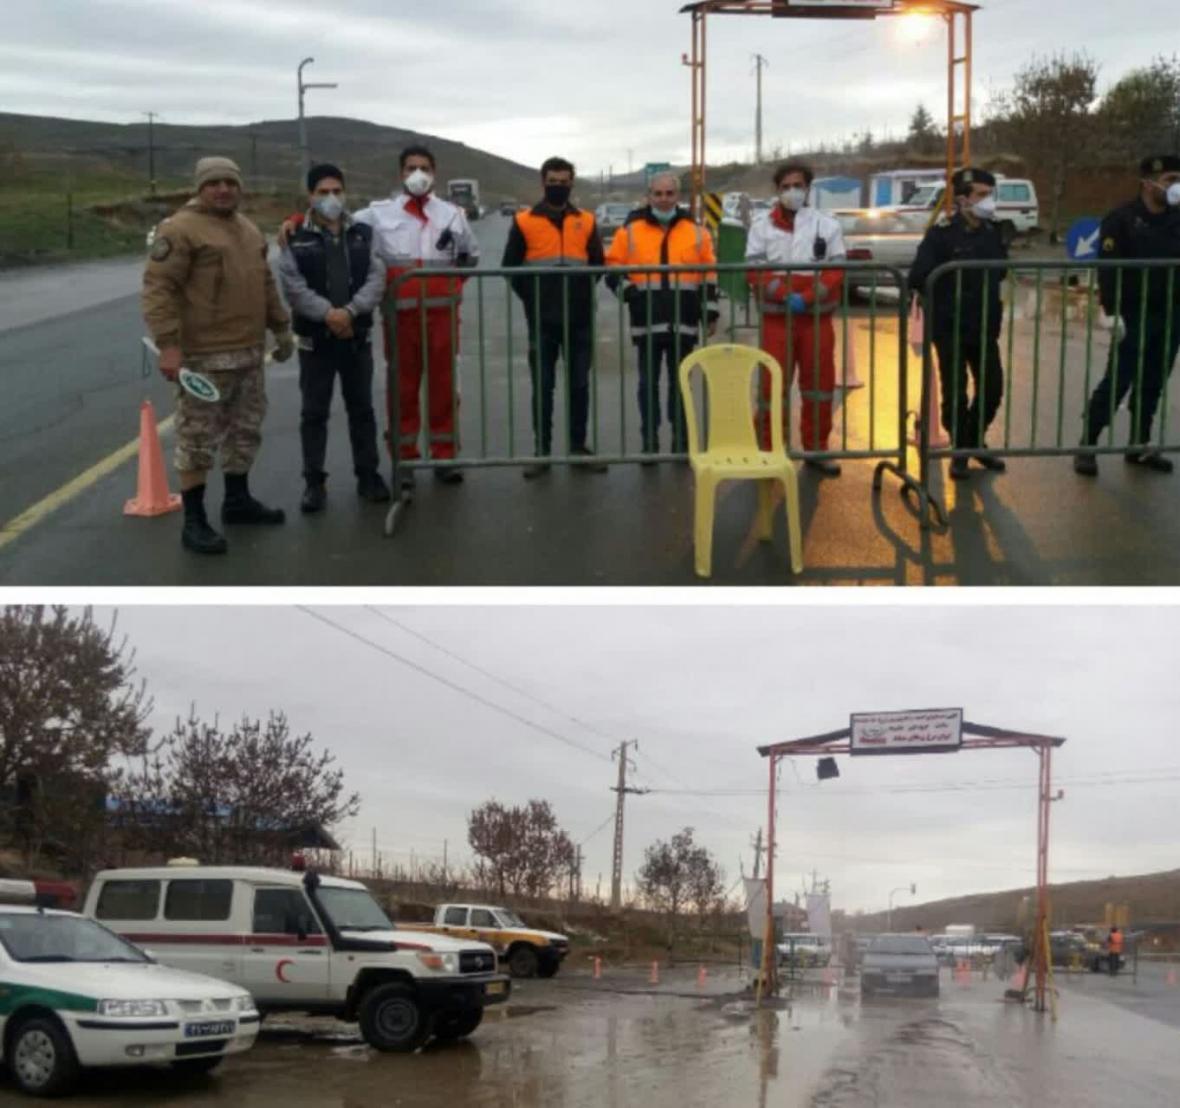 کنترل تردد در جاده های منتهی به مهاباد